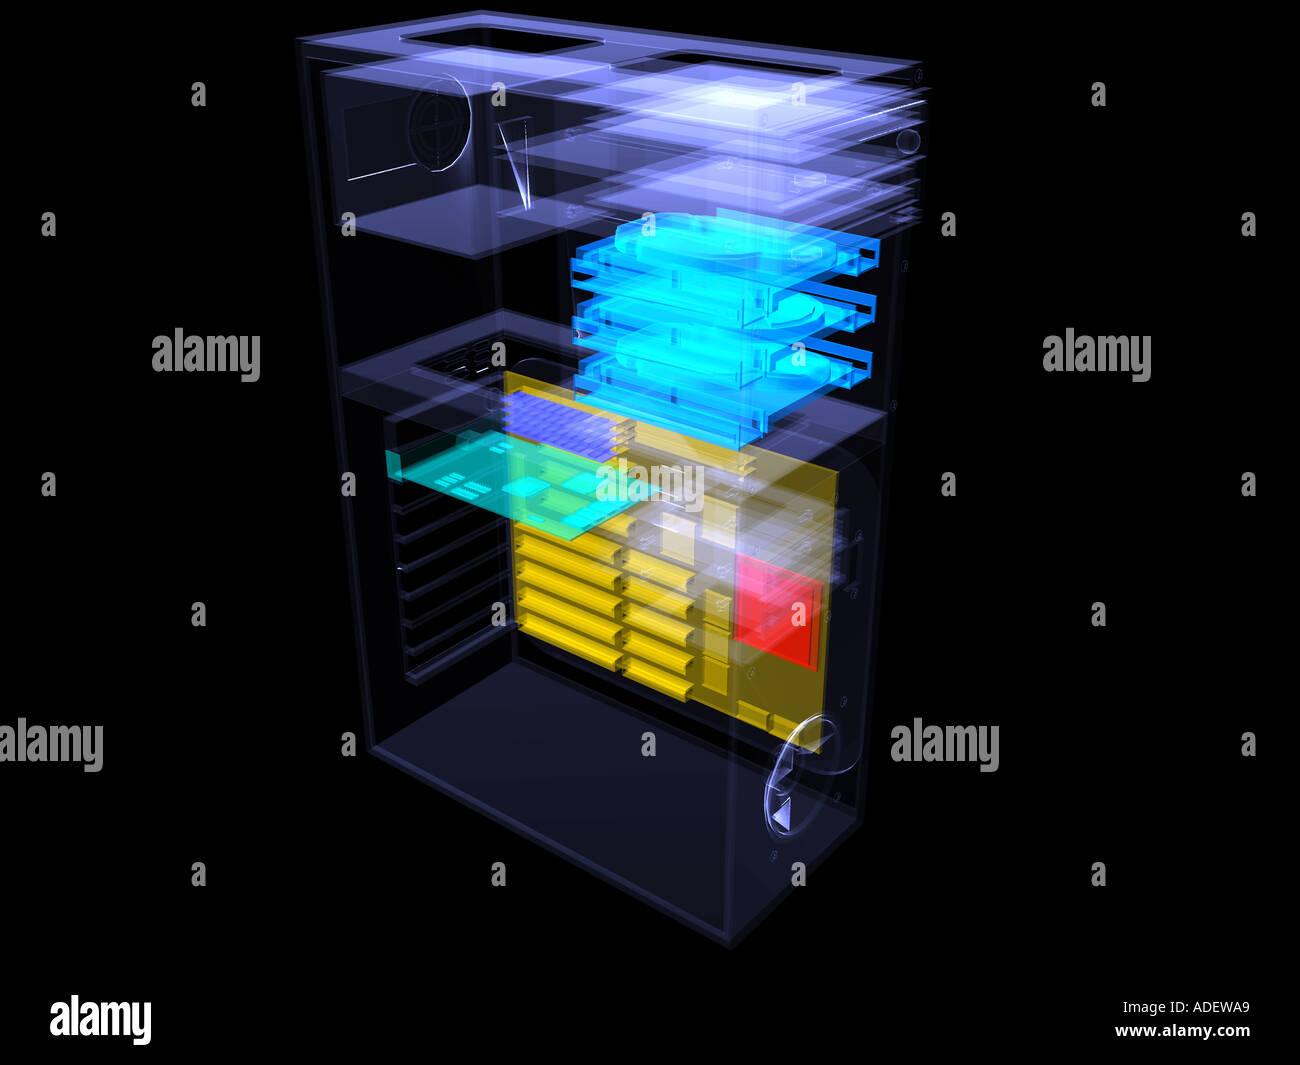 computer teile 3d illustration im xray stil der teile. Black Bedroom Furniture Sets. Home Design Ideas